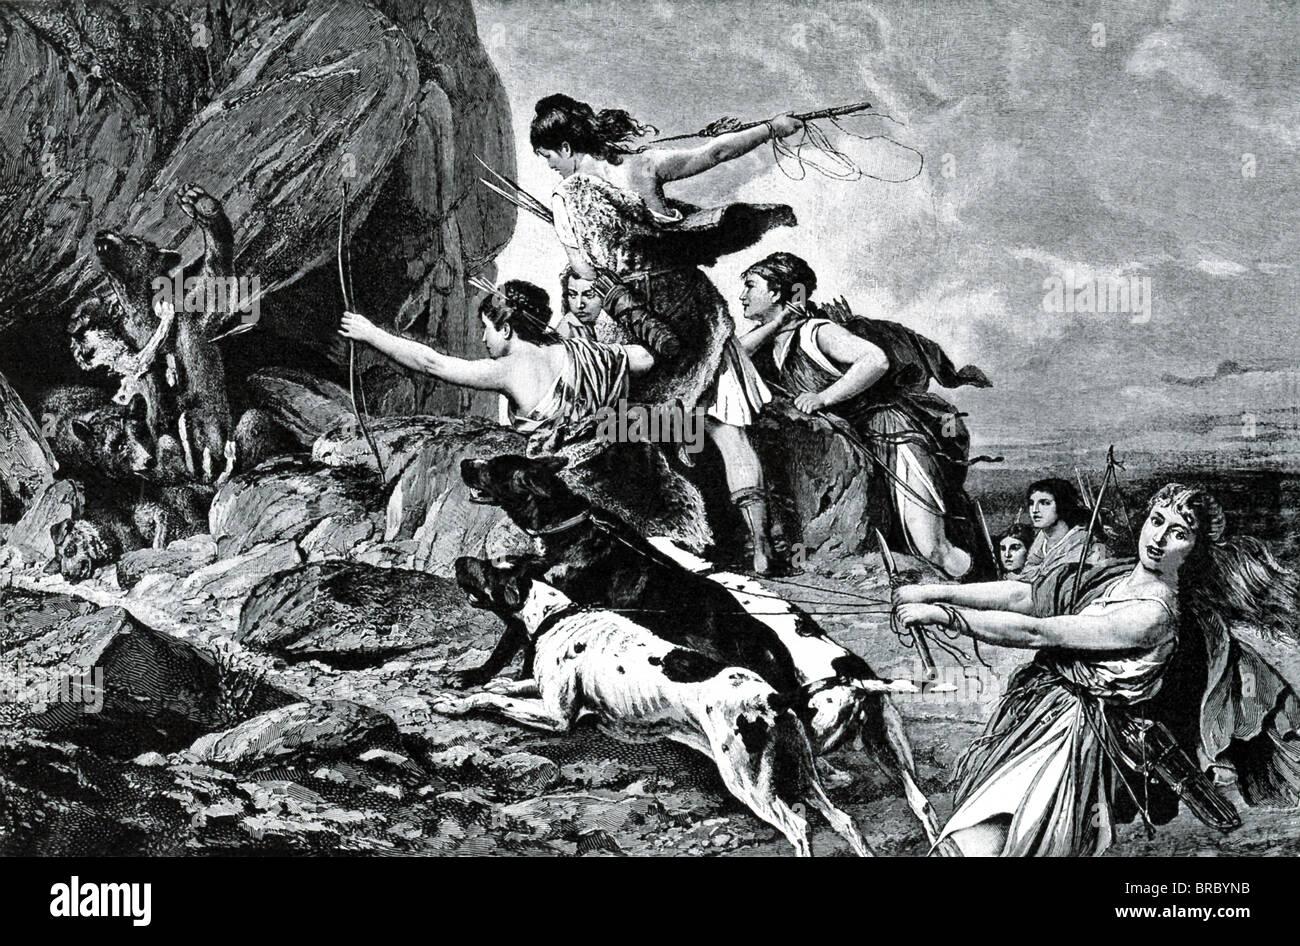 Nach der griechischen Mythologie waren Amazonen, gezeigt hier Jagd, ein Stamm von Frauen, die Jagd und Krieg. Stockbild